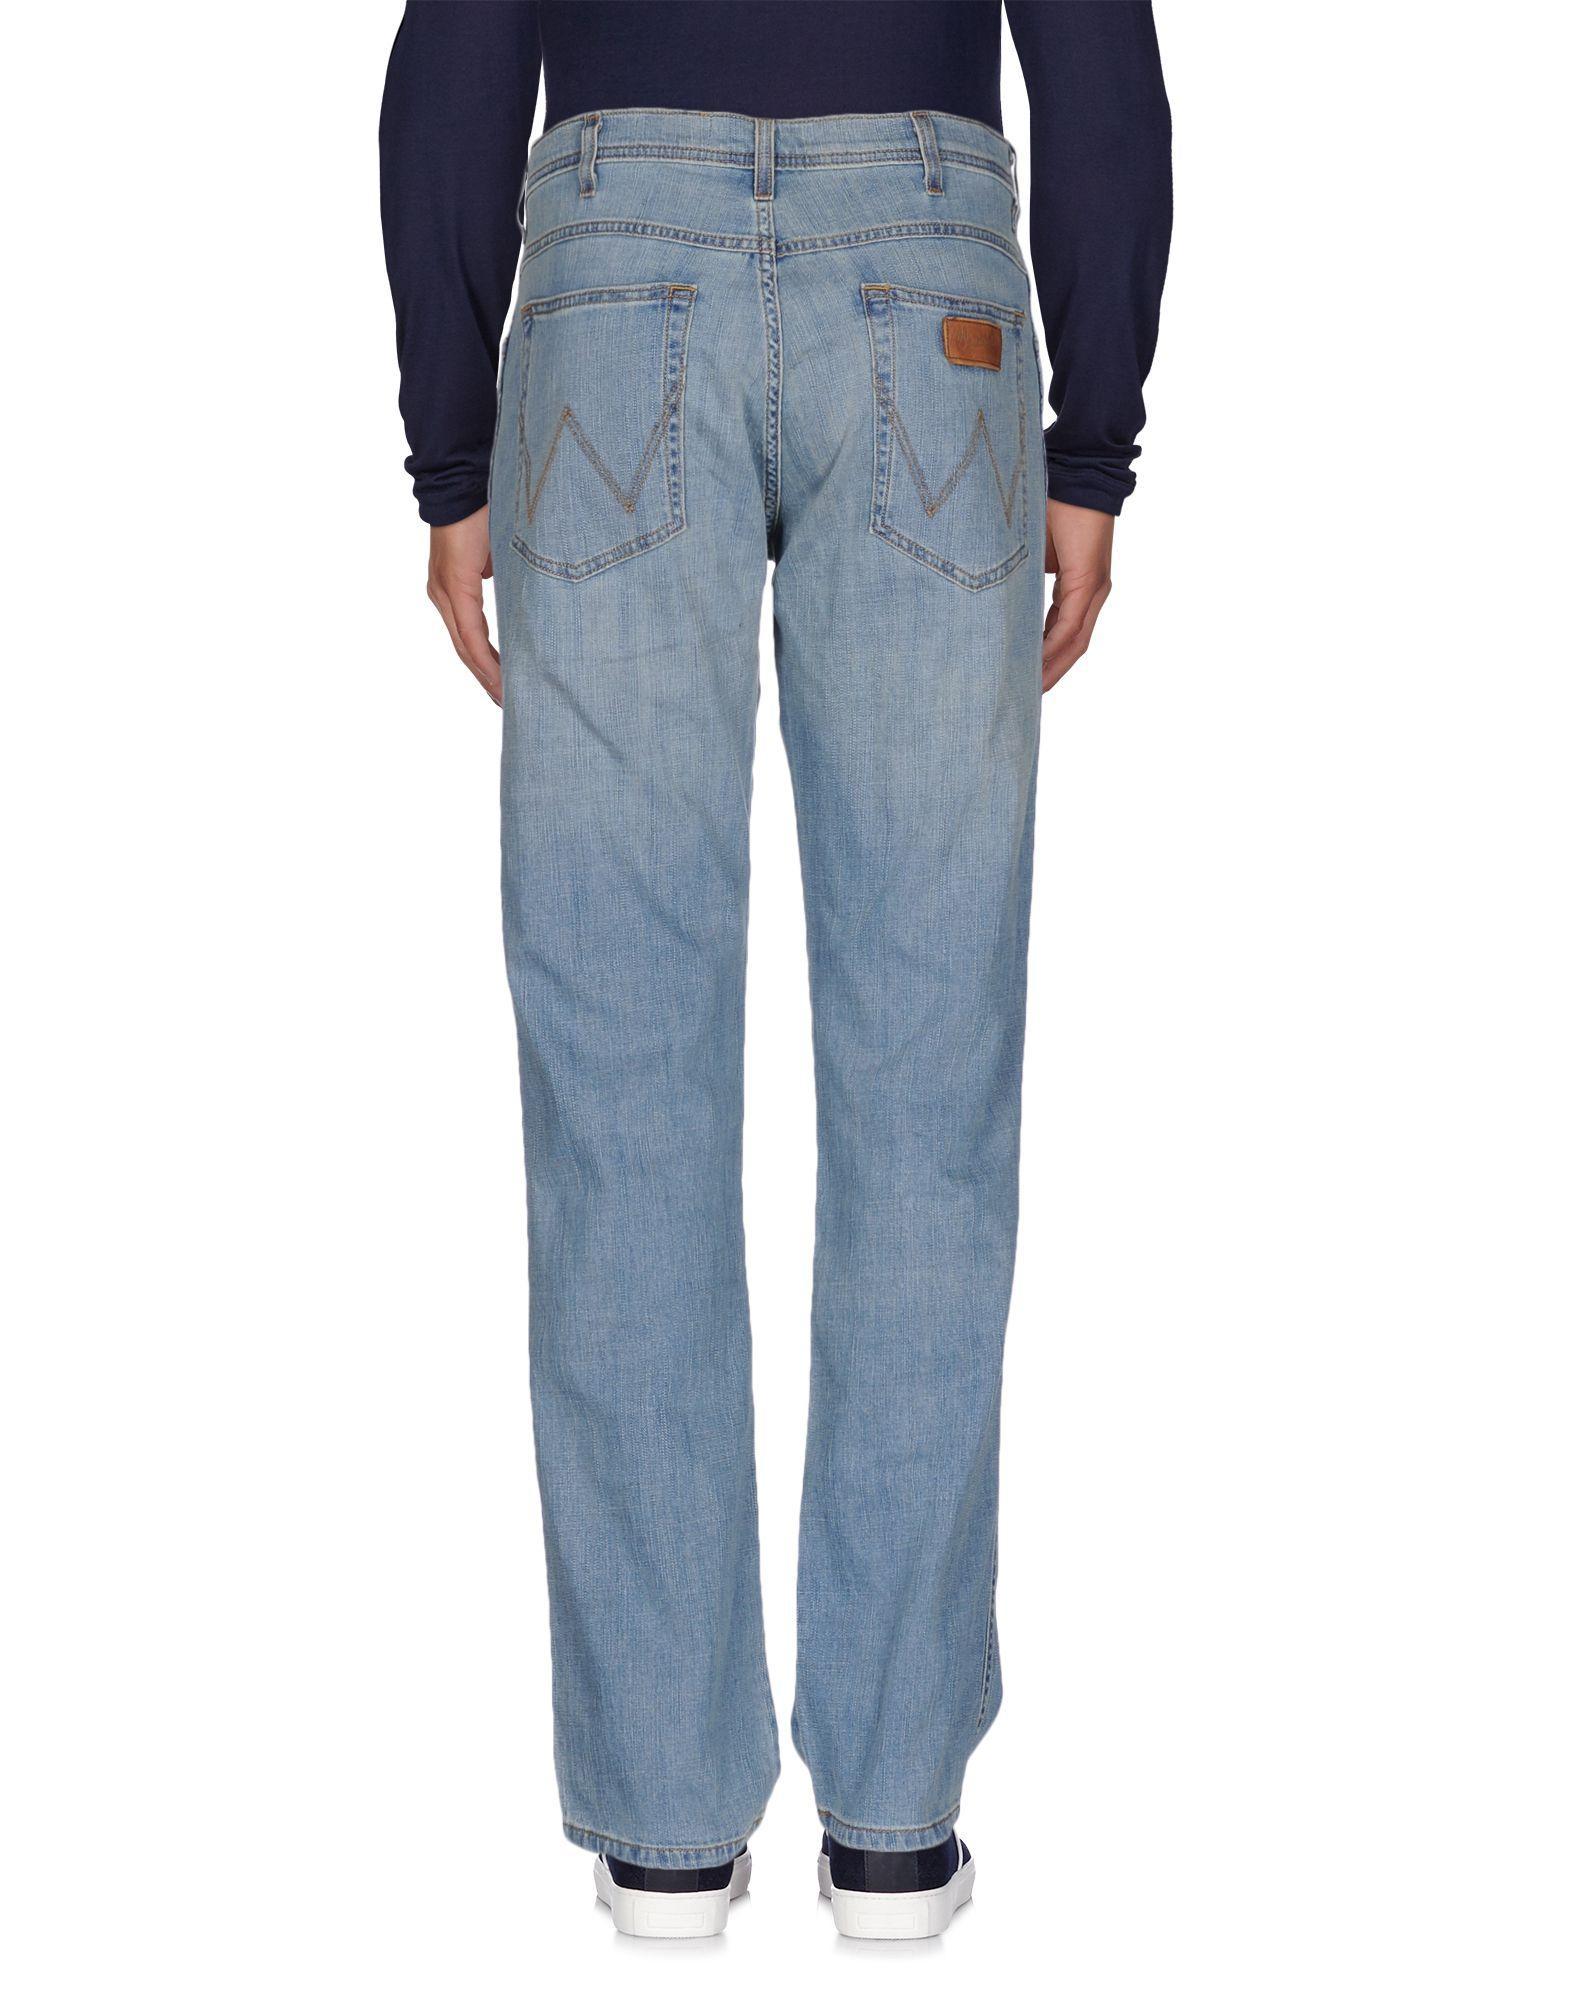 Wrangler denim trousers in blue for men lyst for Wrangler denim shirts uk